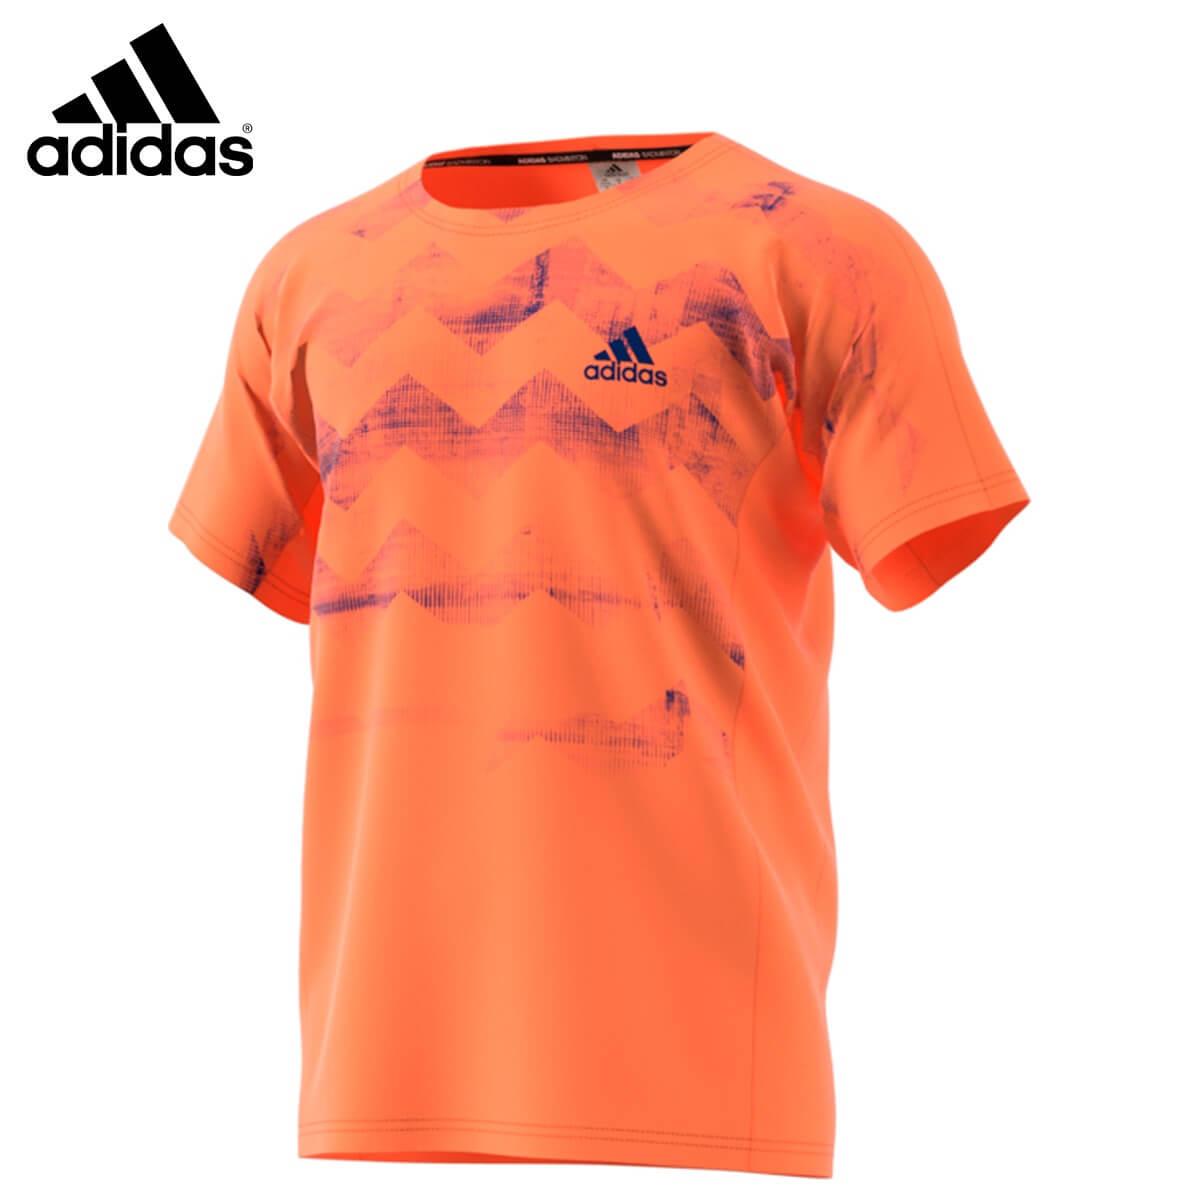 adidas CW7109 アディゼロ シャツ セミオレンジ バドミントンウェア アディダス 2018FW【取り寄せ】